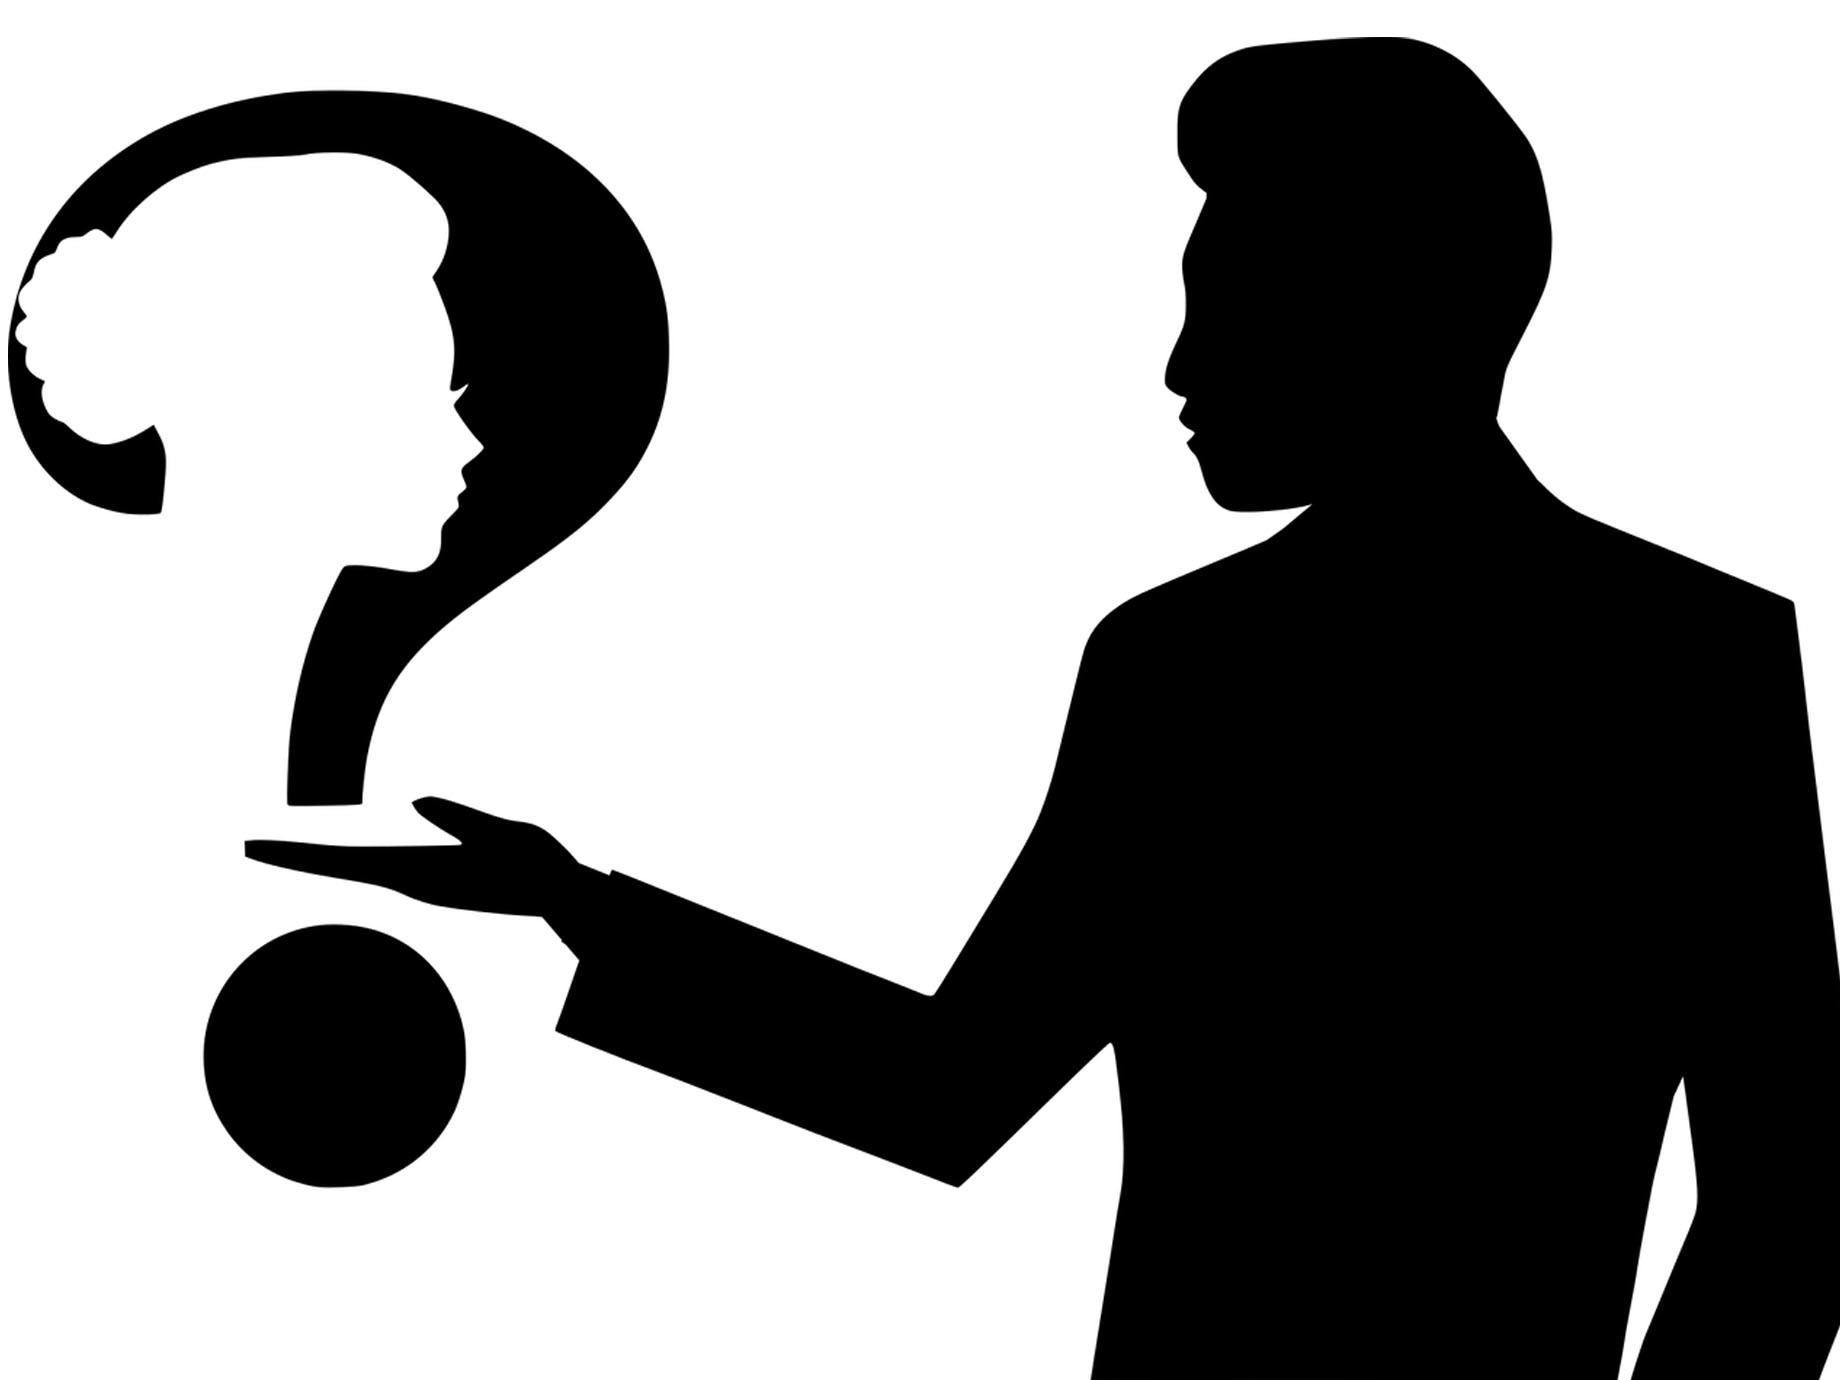 遇到重要客戶就語無倫次?專訪上百位國際領袖的雙語主持人朱楚文,供你3大檢測法避免問出NG問題